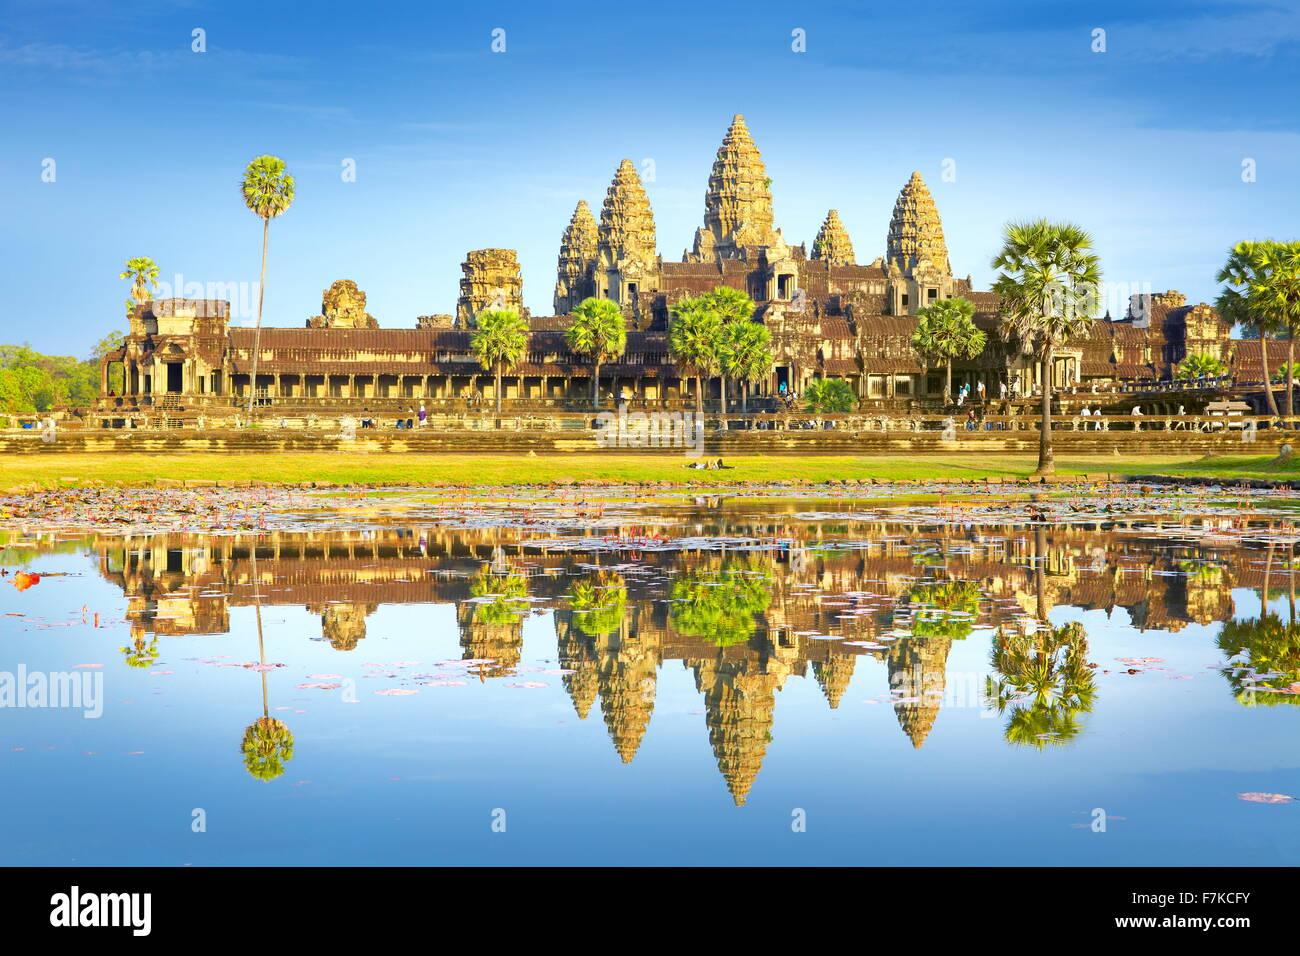 Angkor - ciudad monumental que quedaron después de la antigua capital del imperio Khmer, Camboya, el templo de Angkor Wat, Asia (UNESCO) Foto de stock